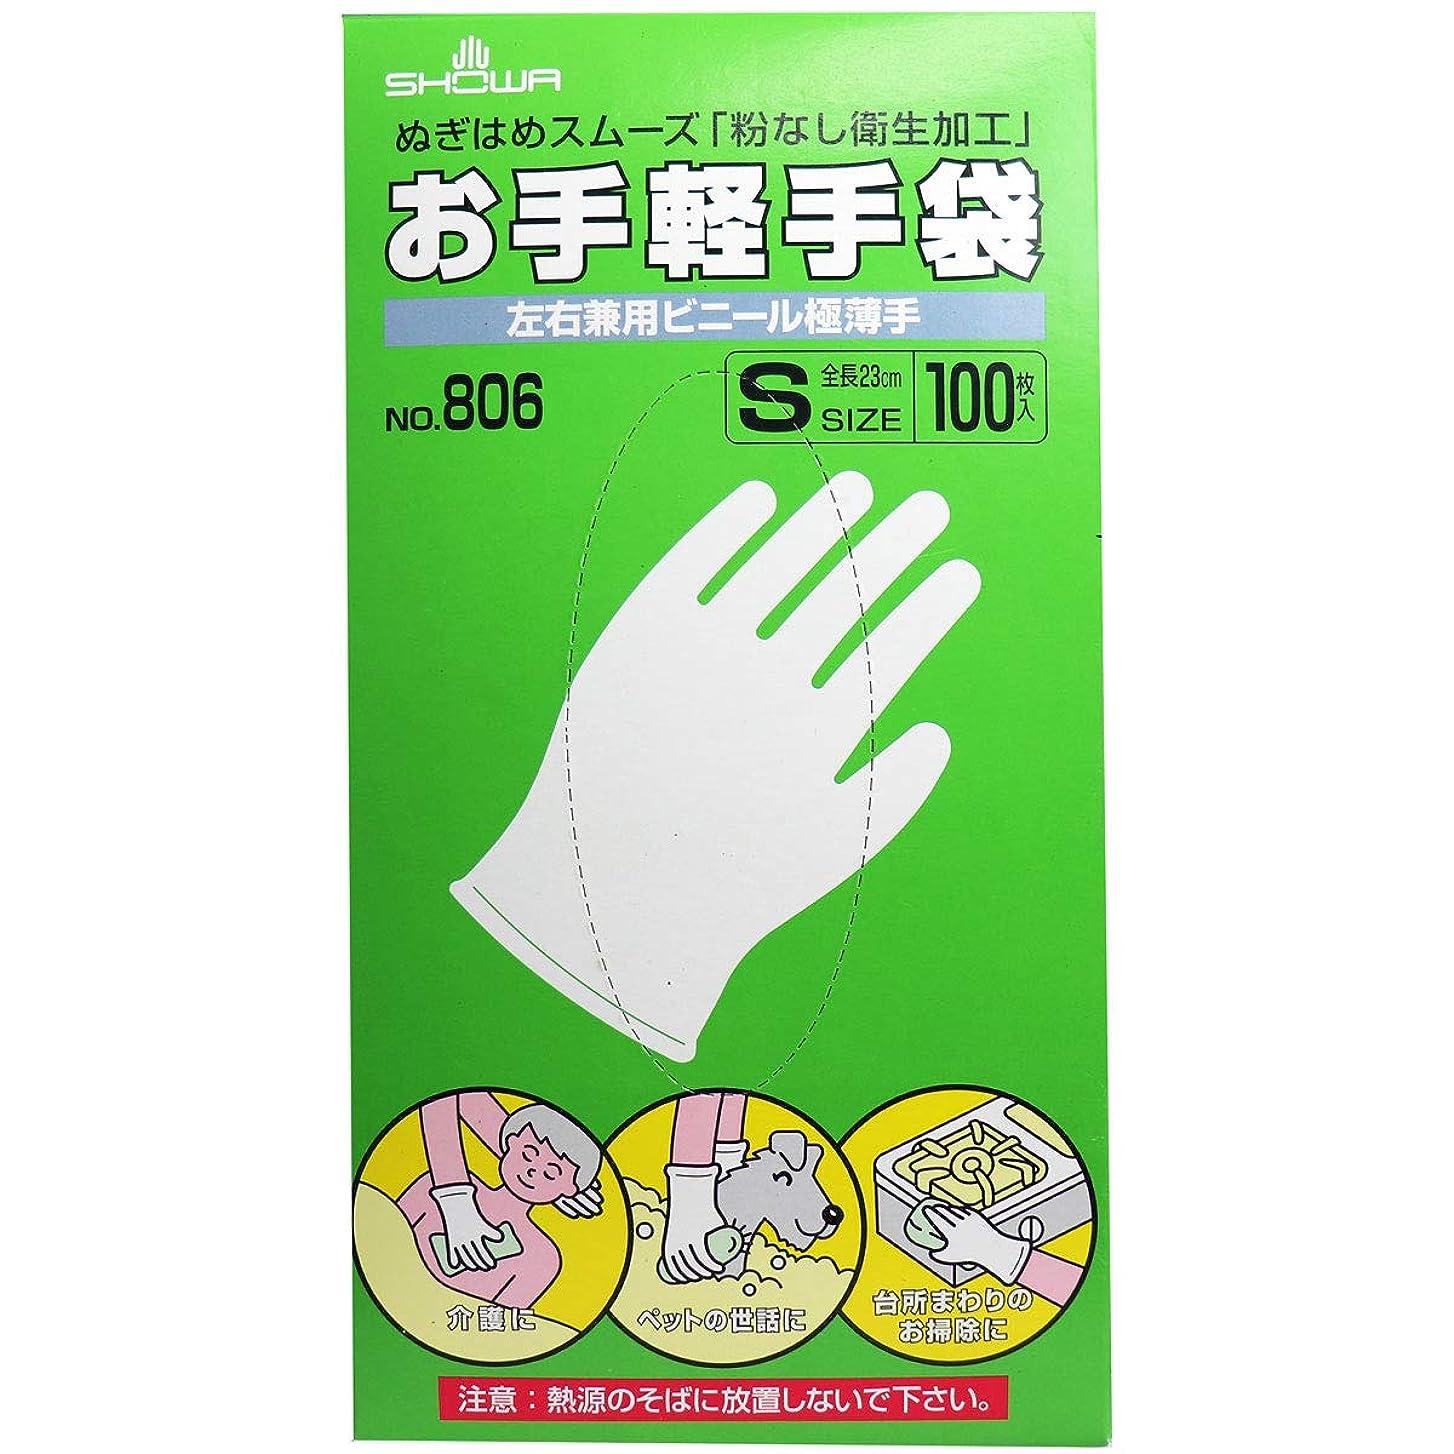 分類特徴トンネルお手軽手袋 No.806 左右兼用ビニール極薄手 粉なし Sサイズ 100枚入×5個セット